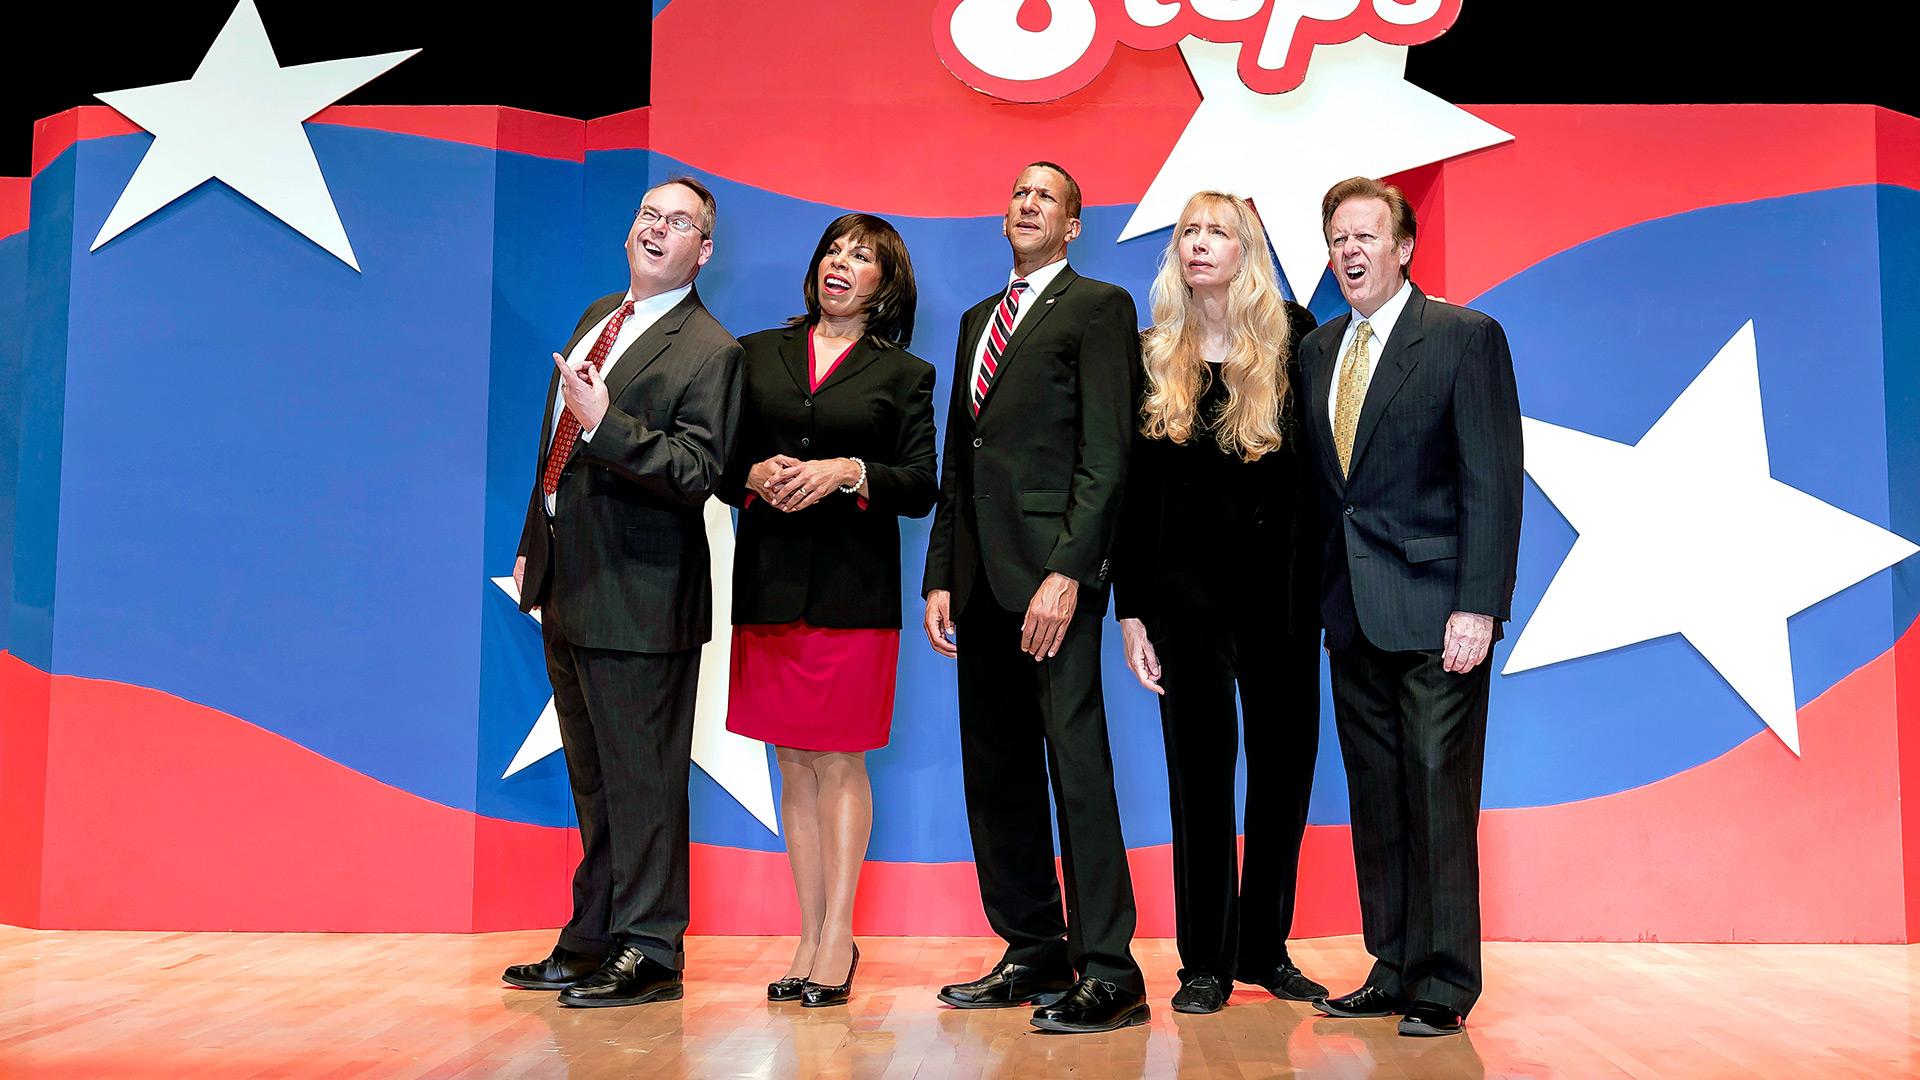 UMD Alum Co-founds a Political Comedy Troupe